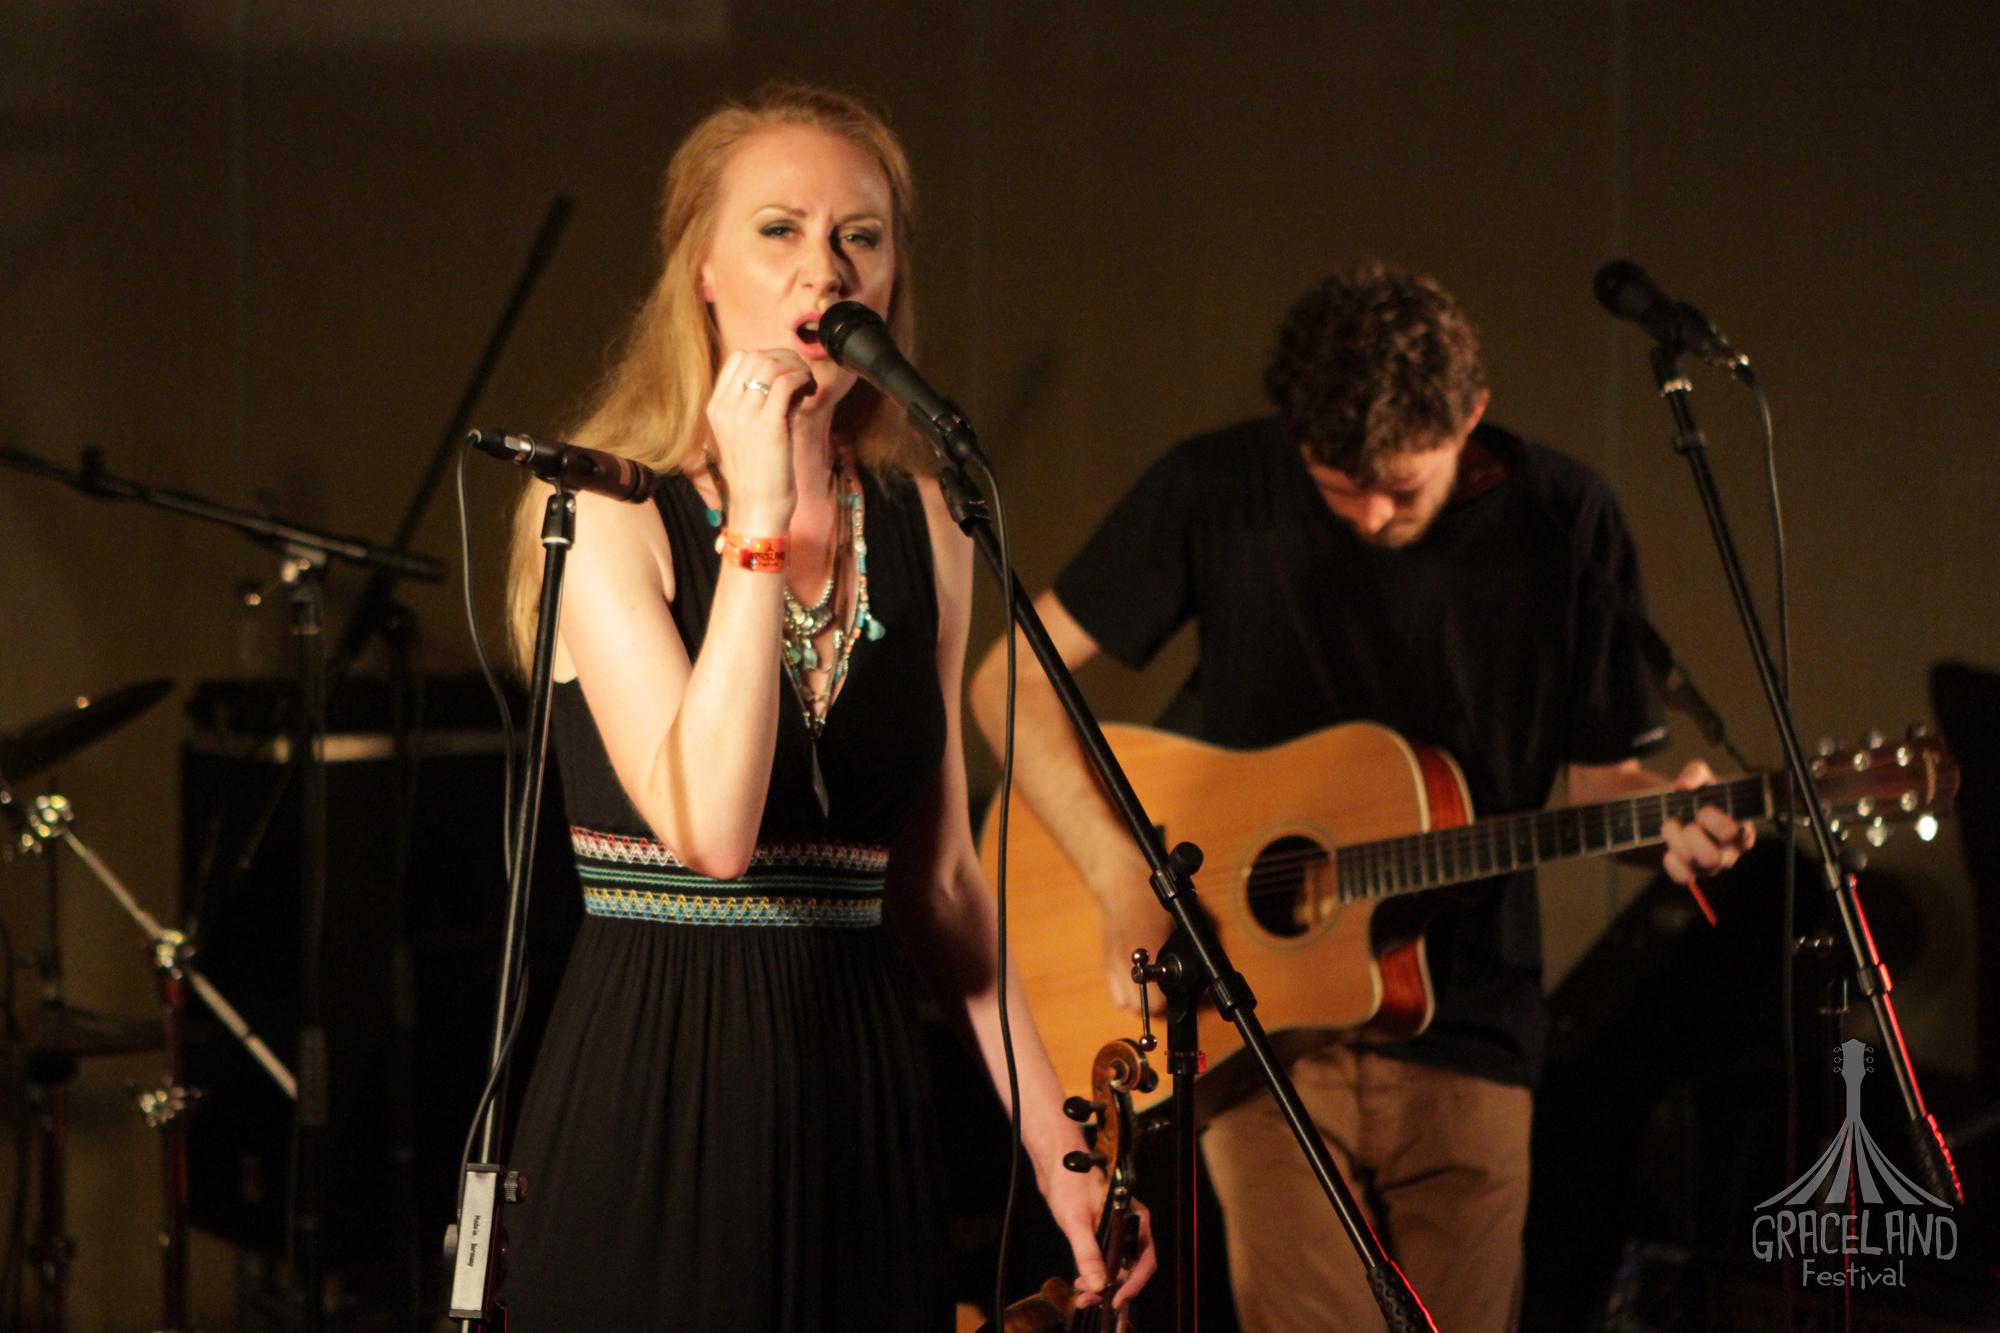 Graceland Festival